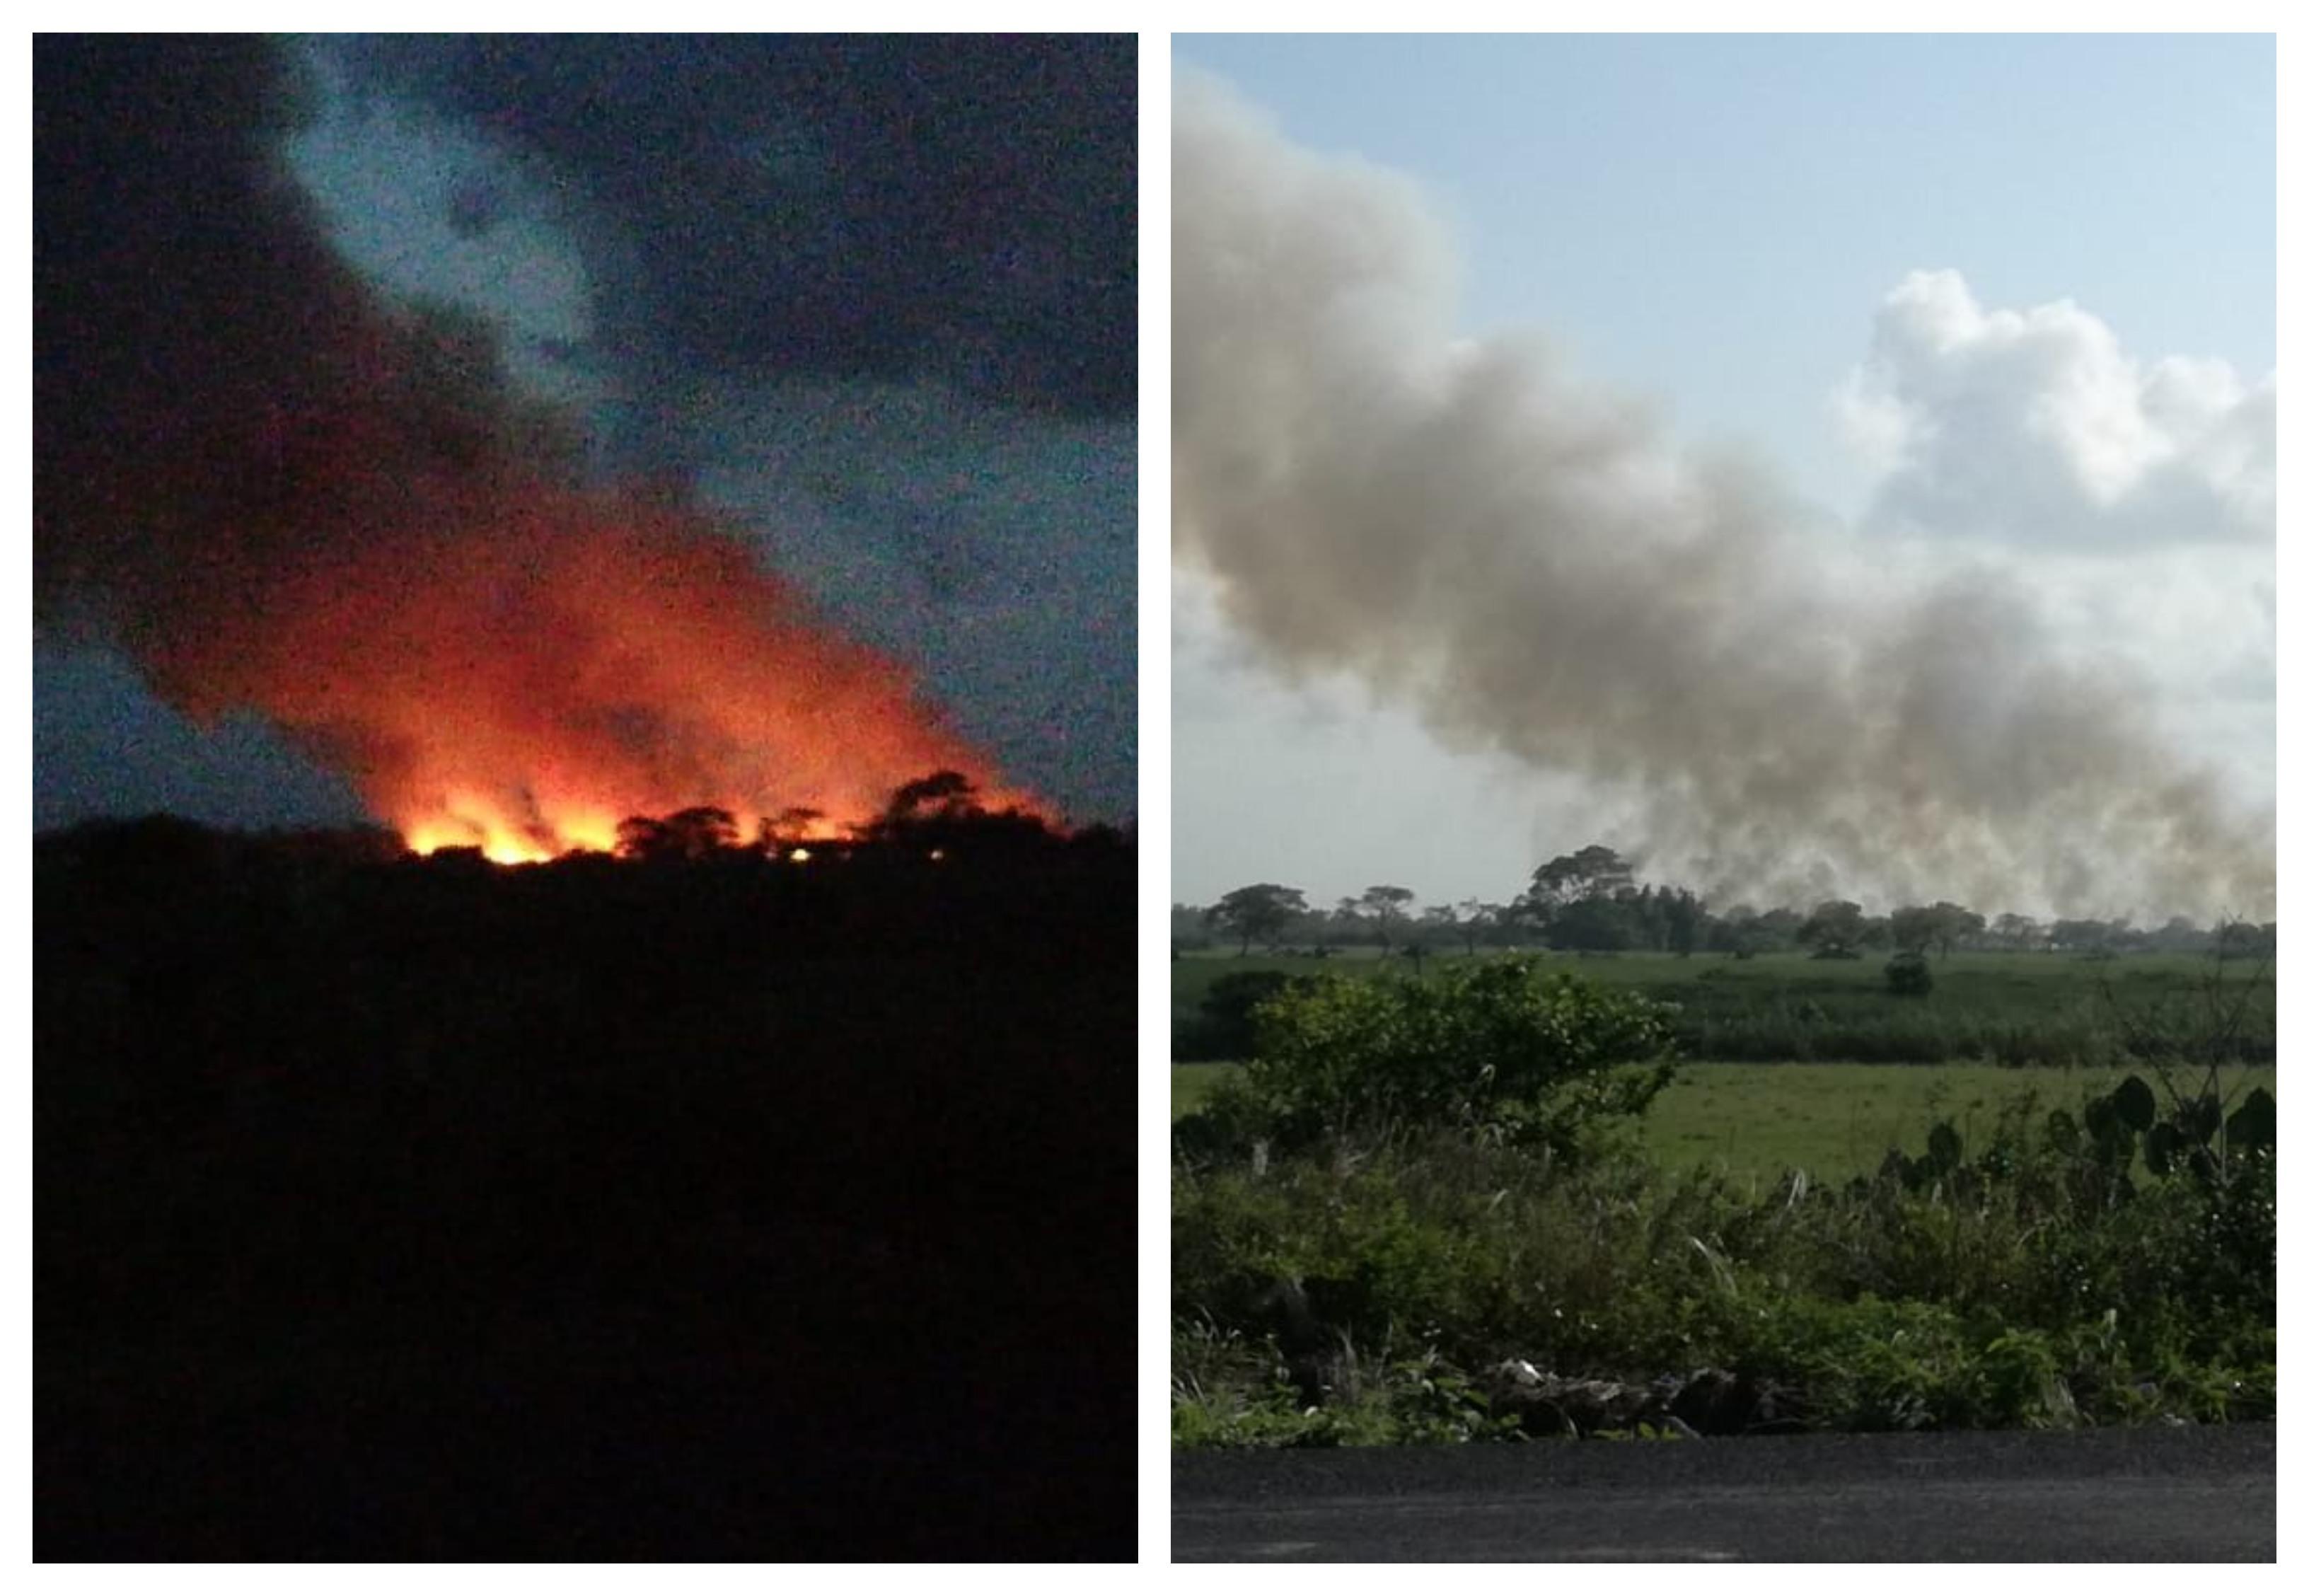 Reportan liquidado incendio forestal en Tecolutla, Veracruz